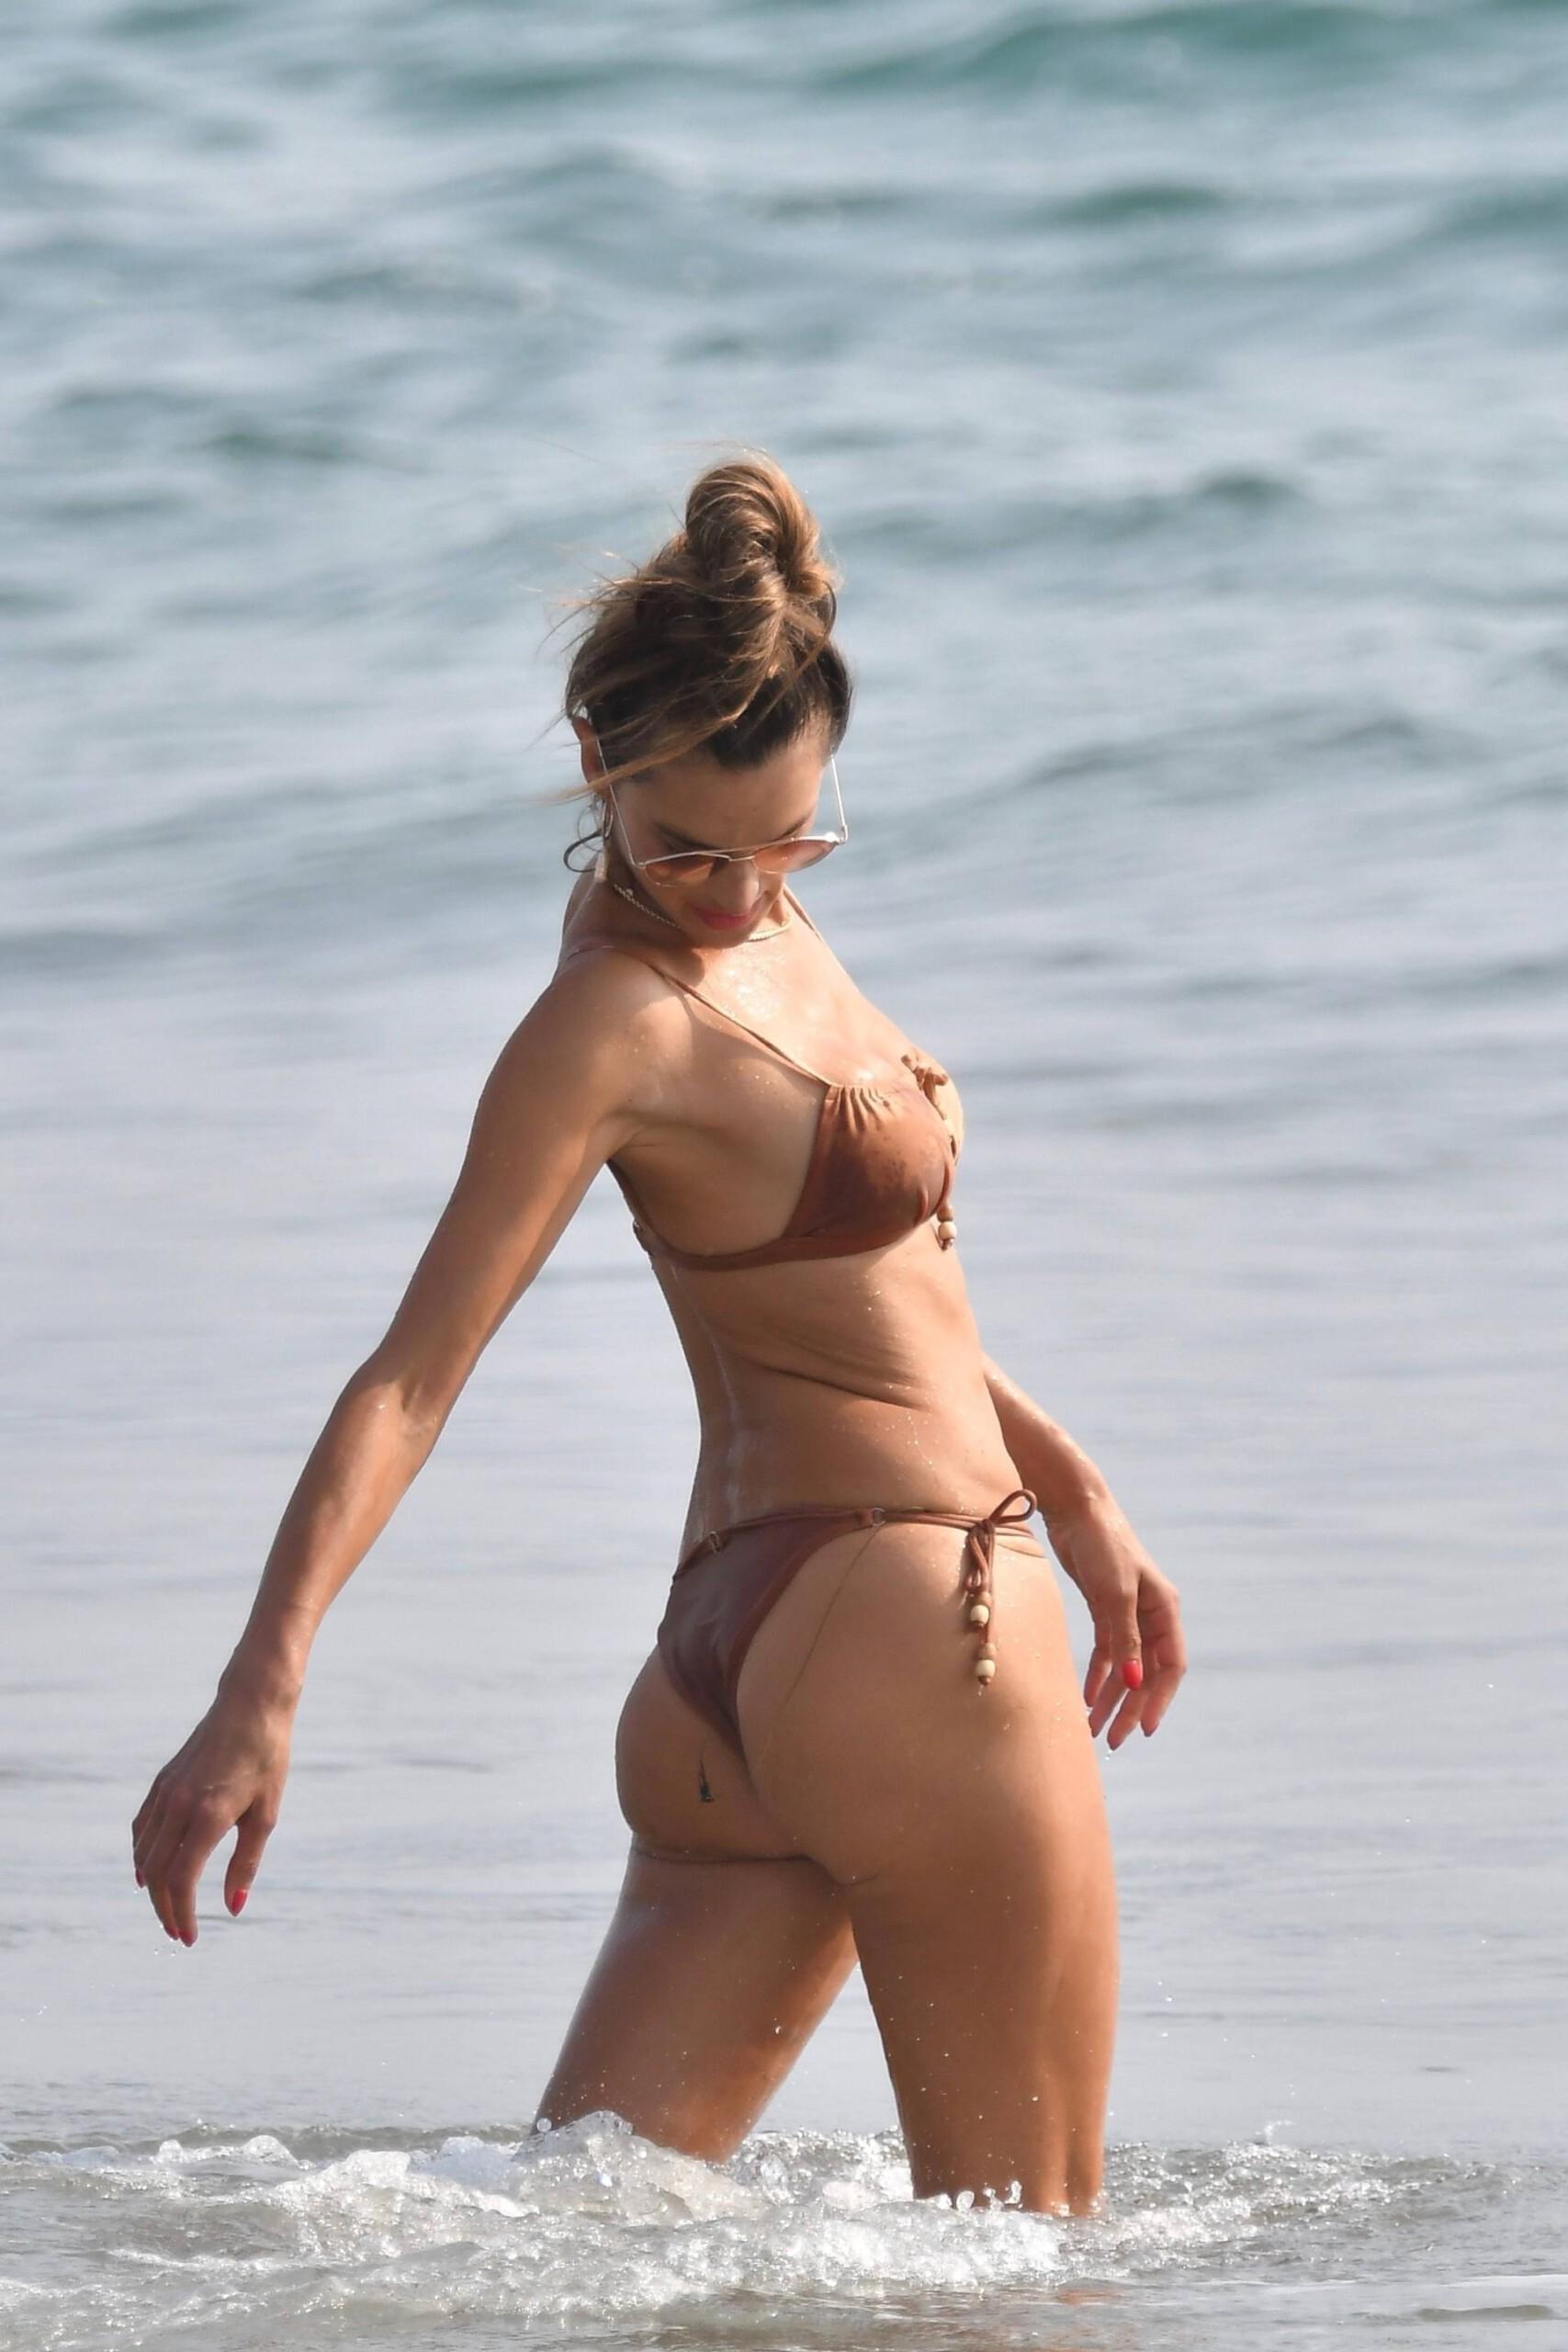 Alessandra Ambrosio Hot Body In Bikini